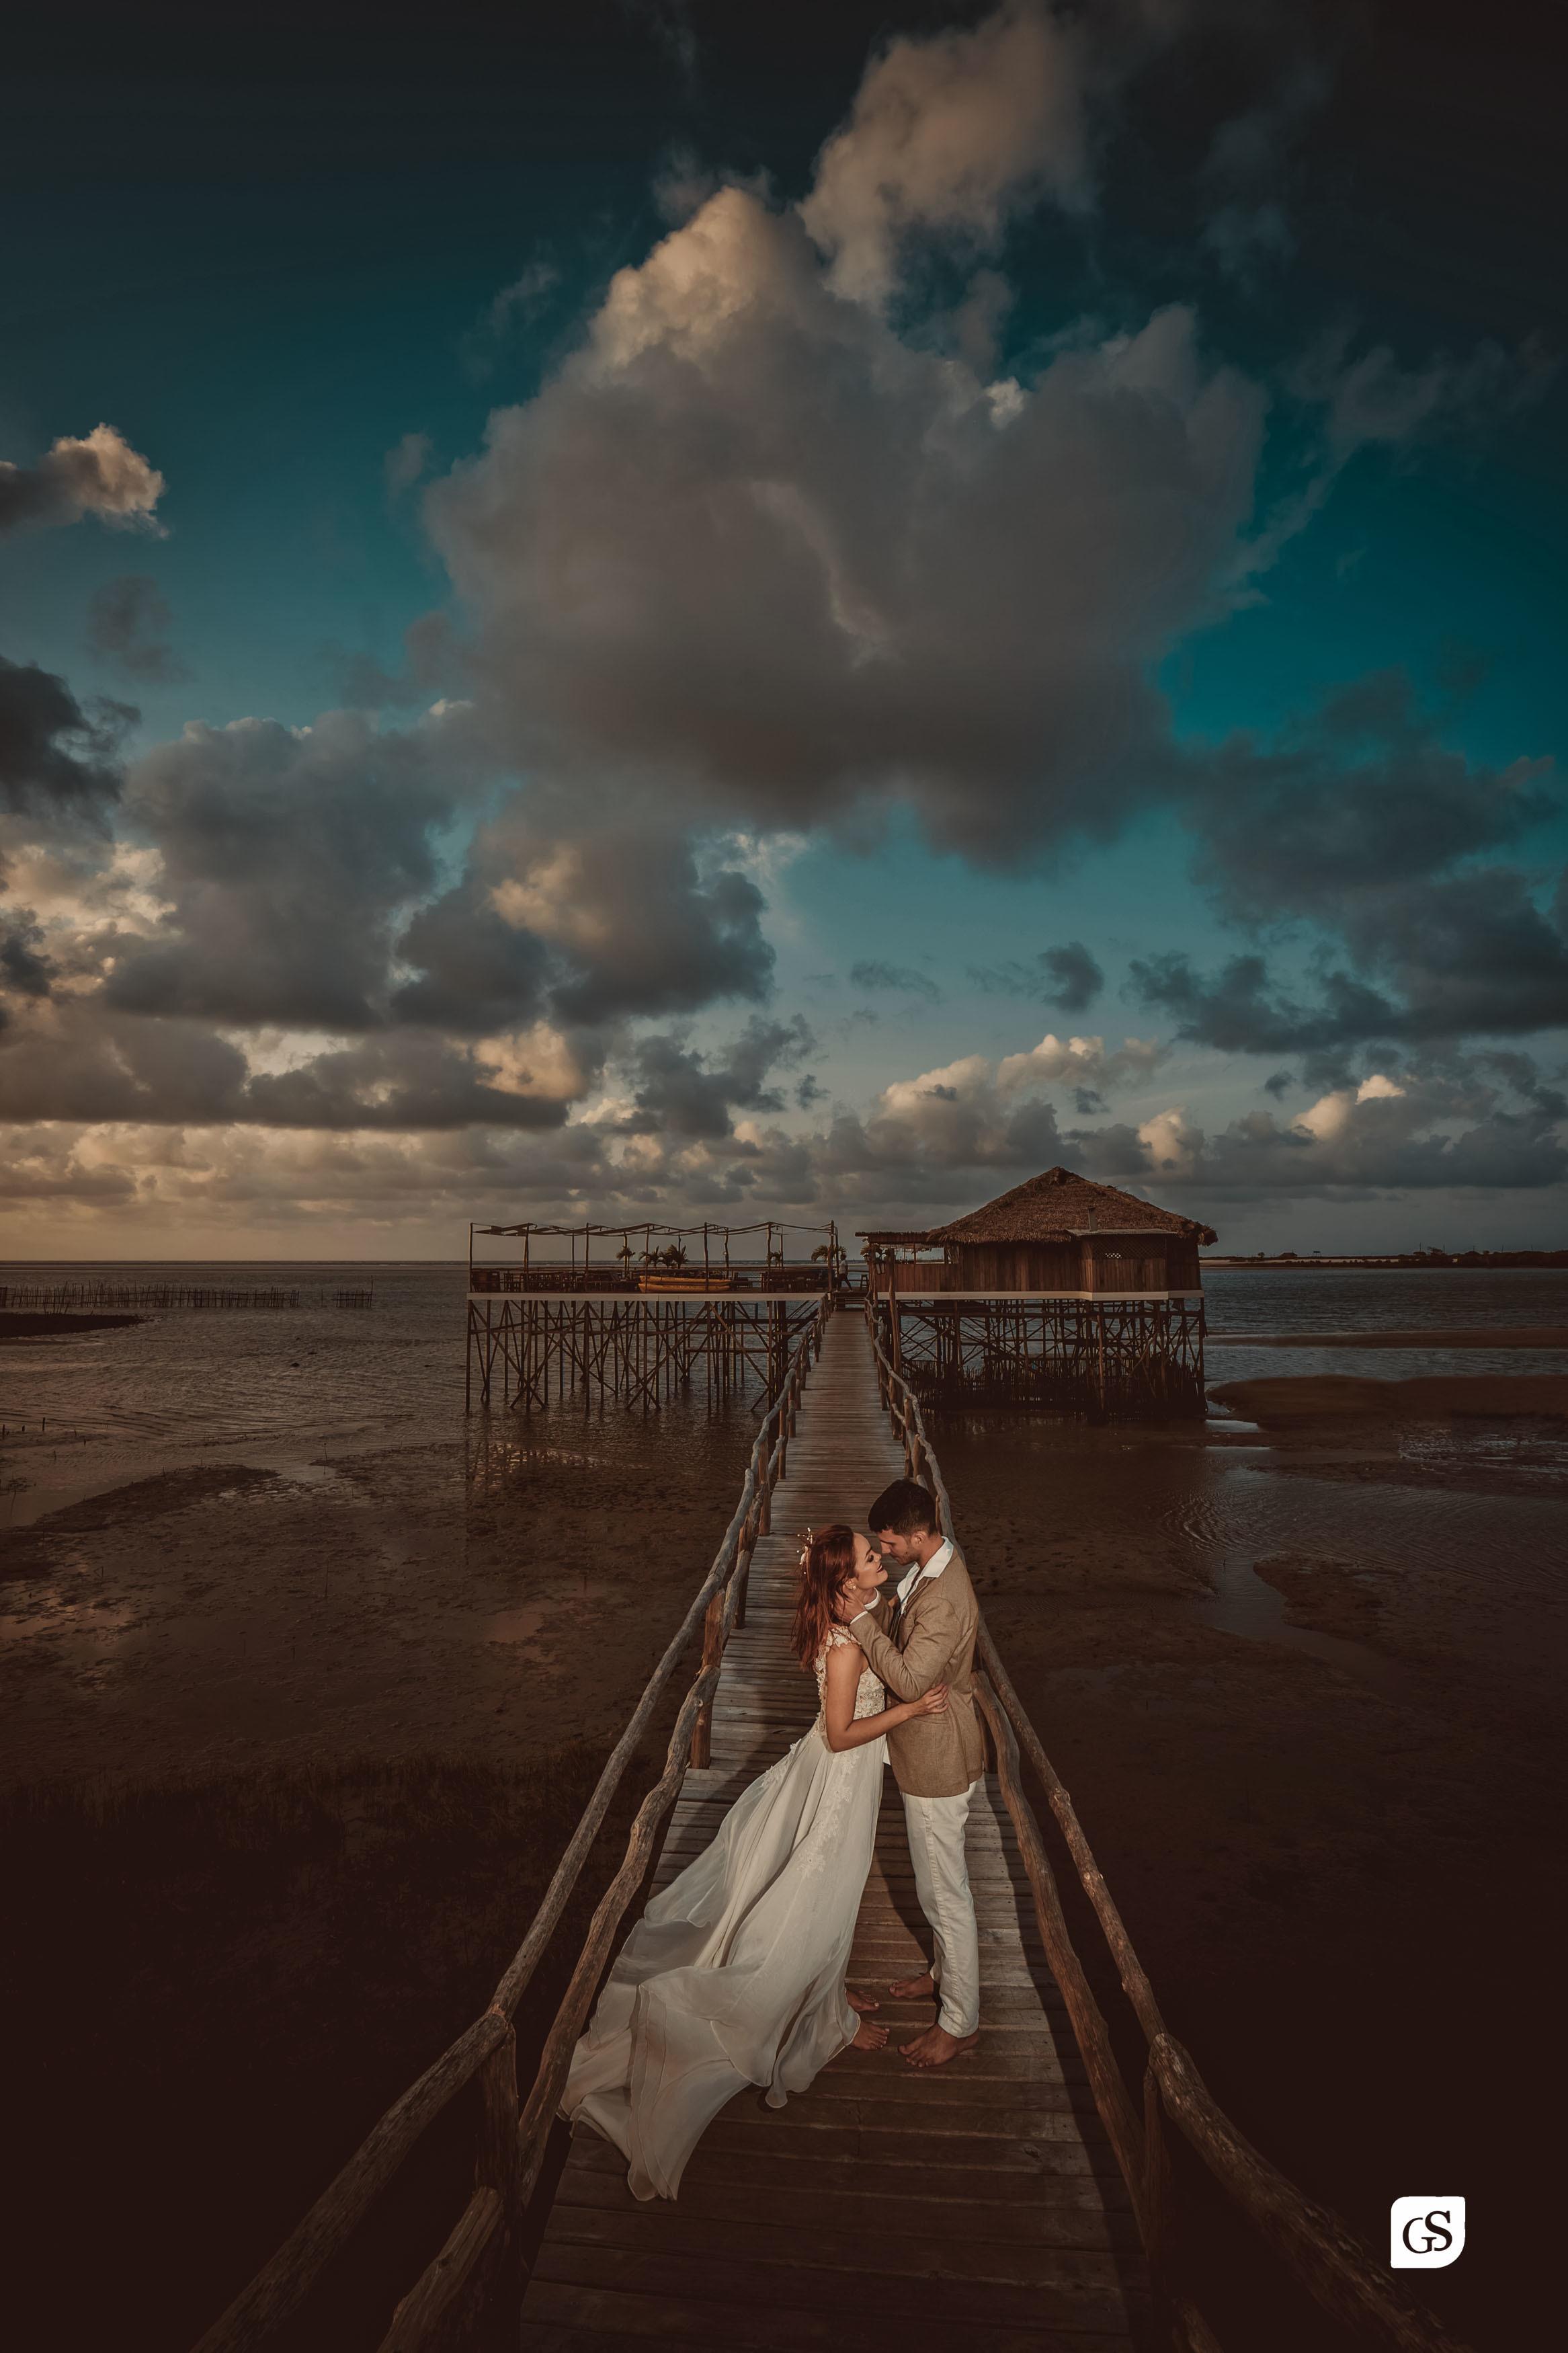 Contate A fotografia criativa de casamento e 15 anos com sentimentos de  Gui Sampaio tem uma qualidade que chama a atençãoBelém  PA fotografia Belém do pará